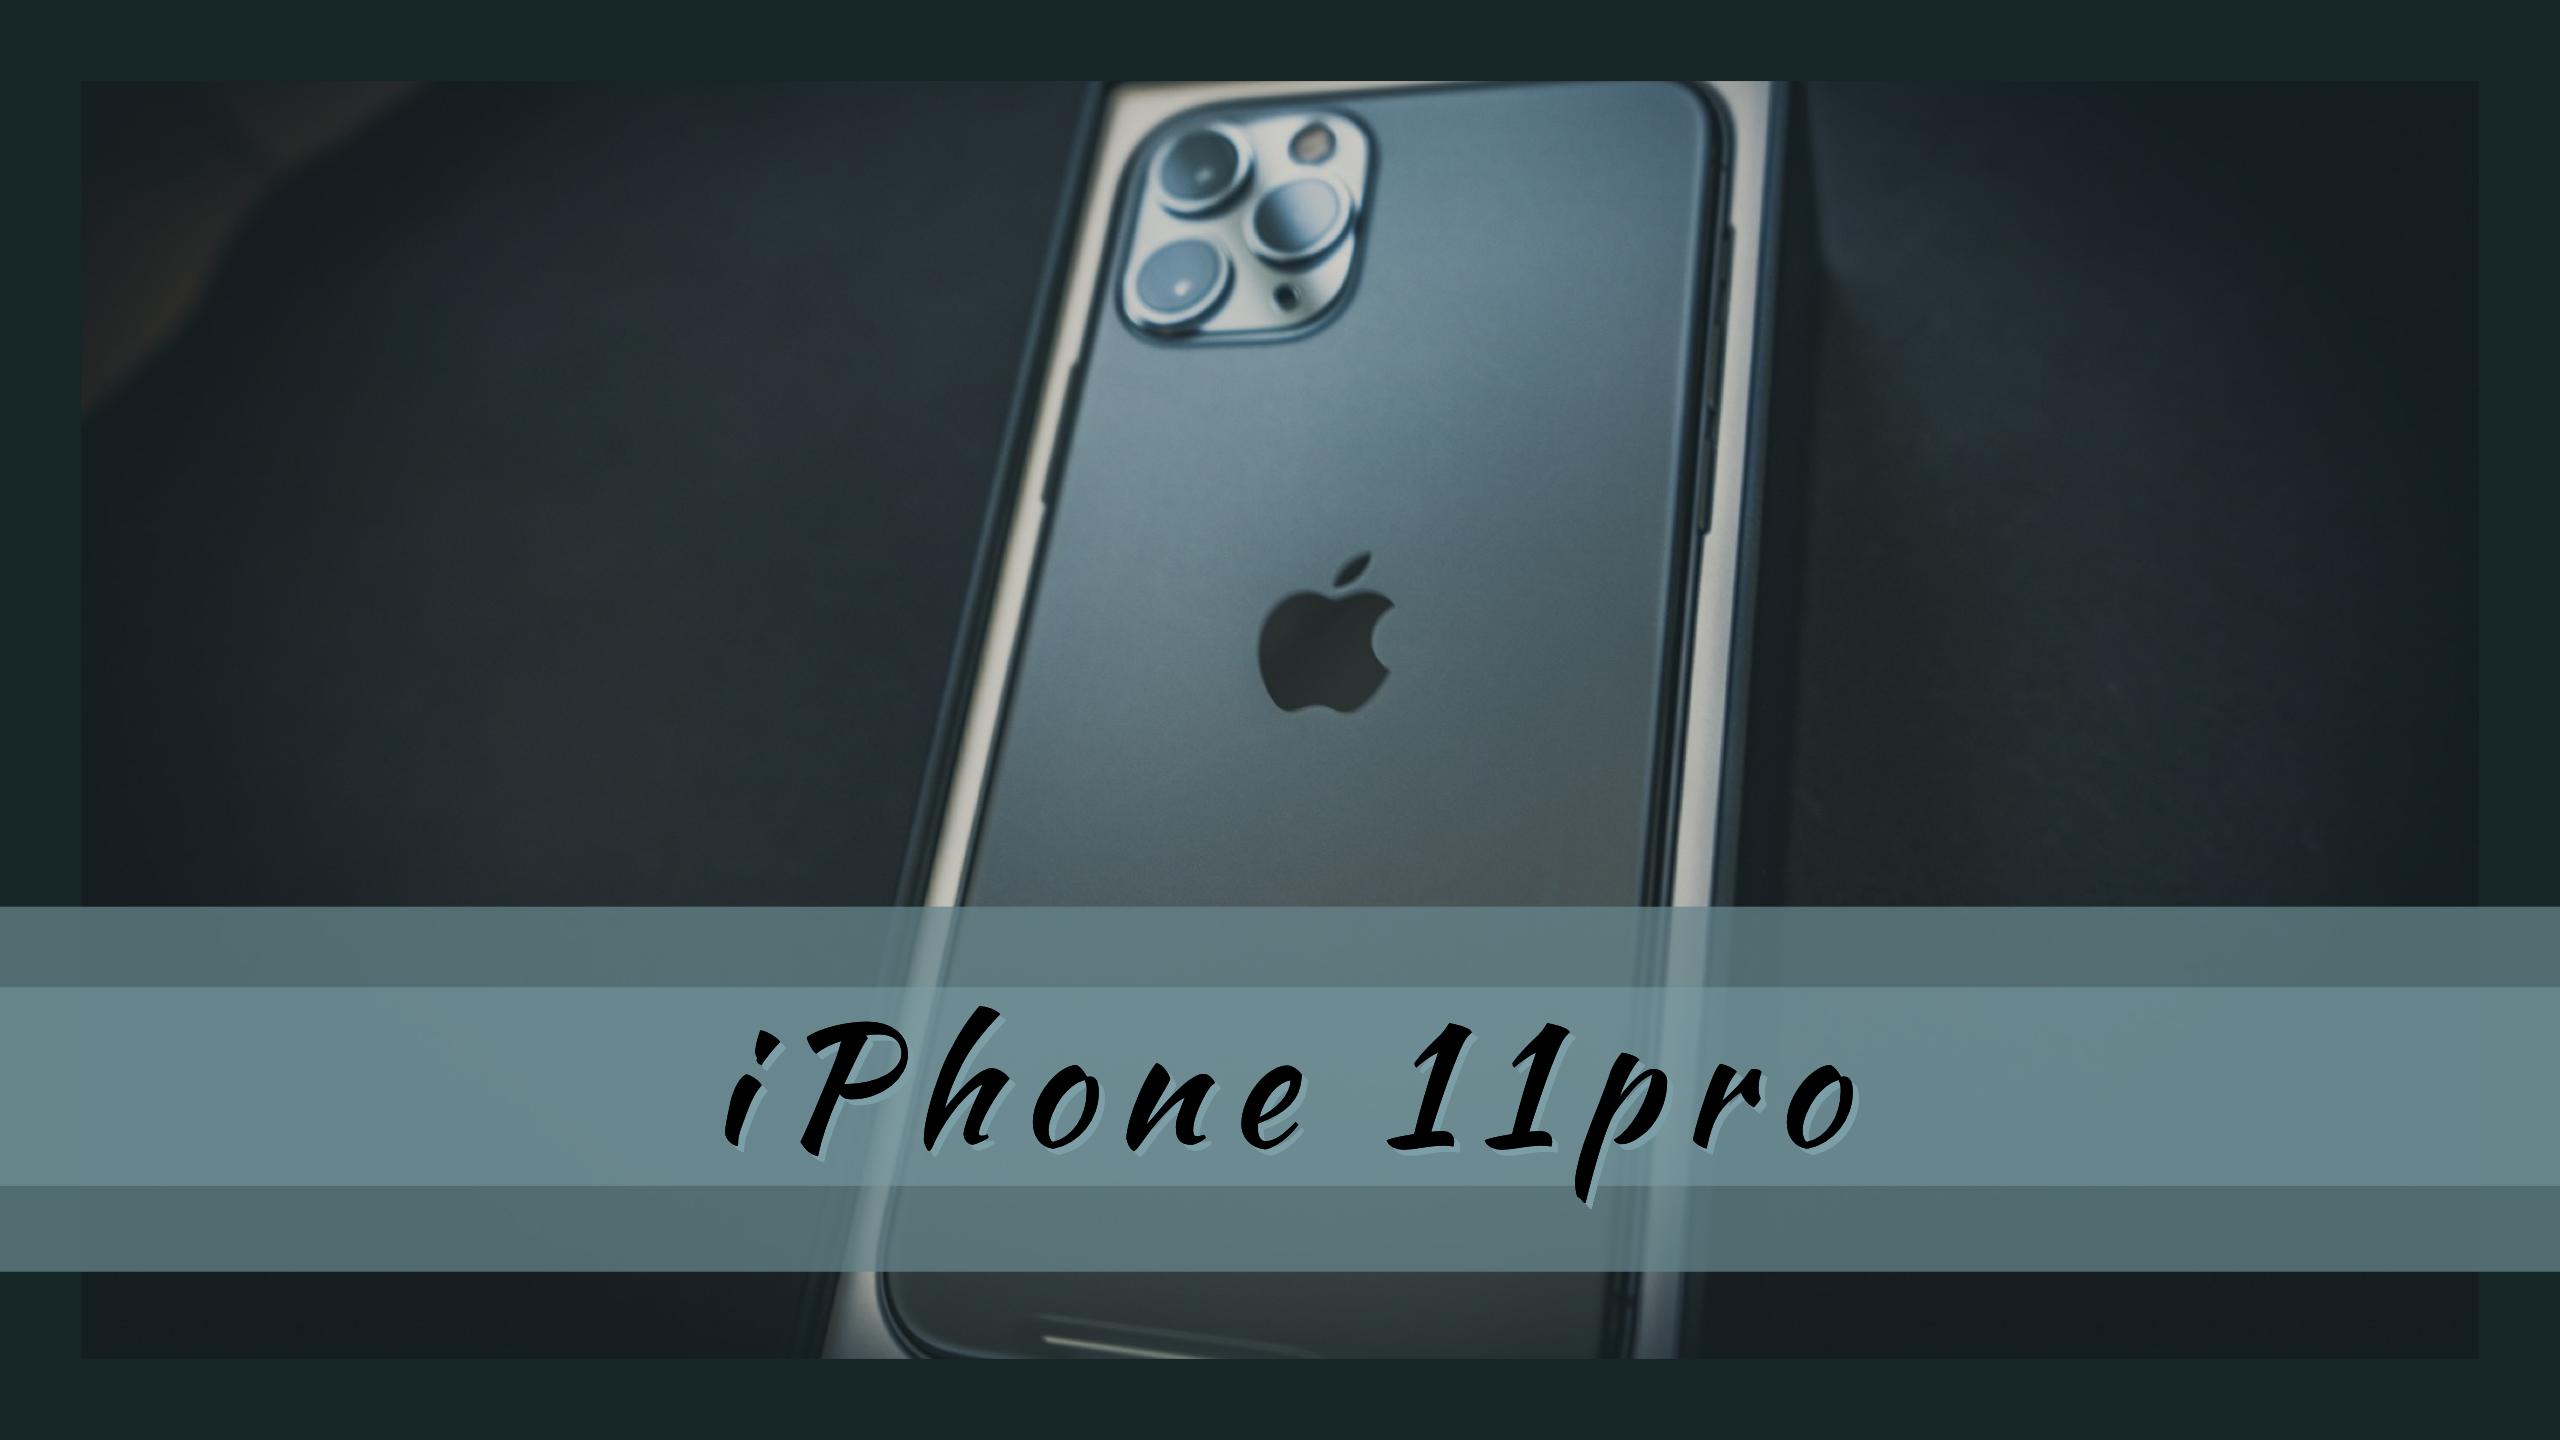 【モノマリスト】iPhone 11proに感動! 購入したアクセサリーは?